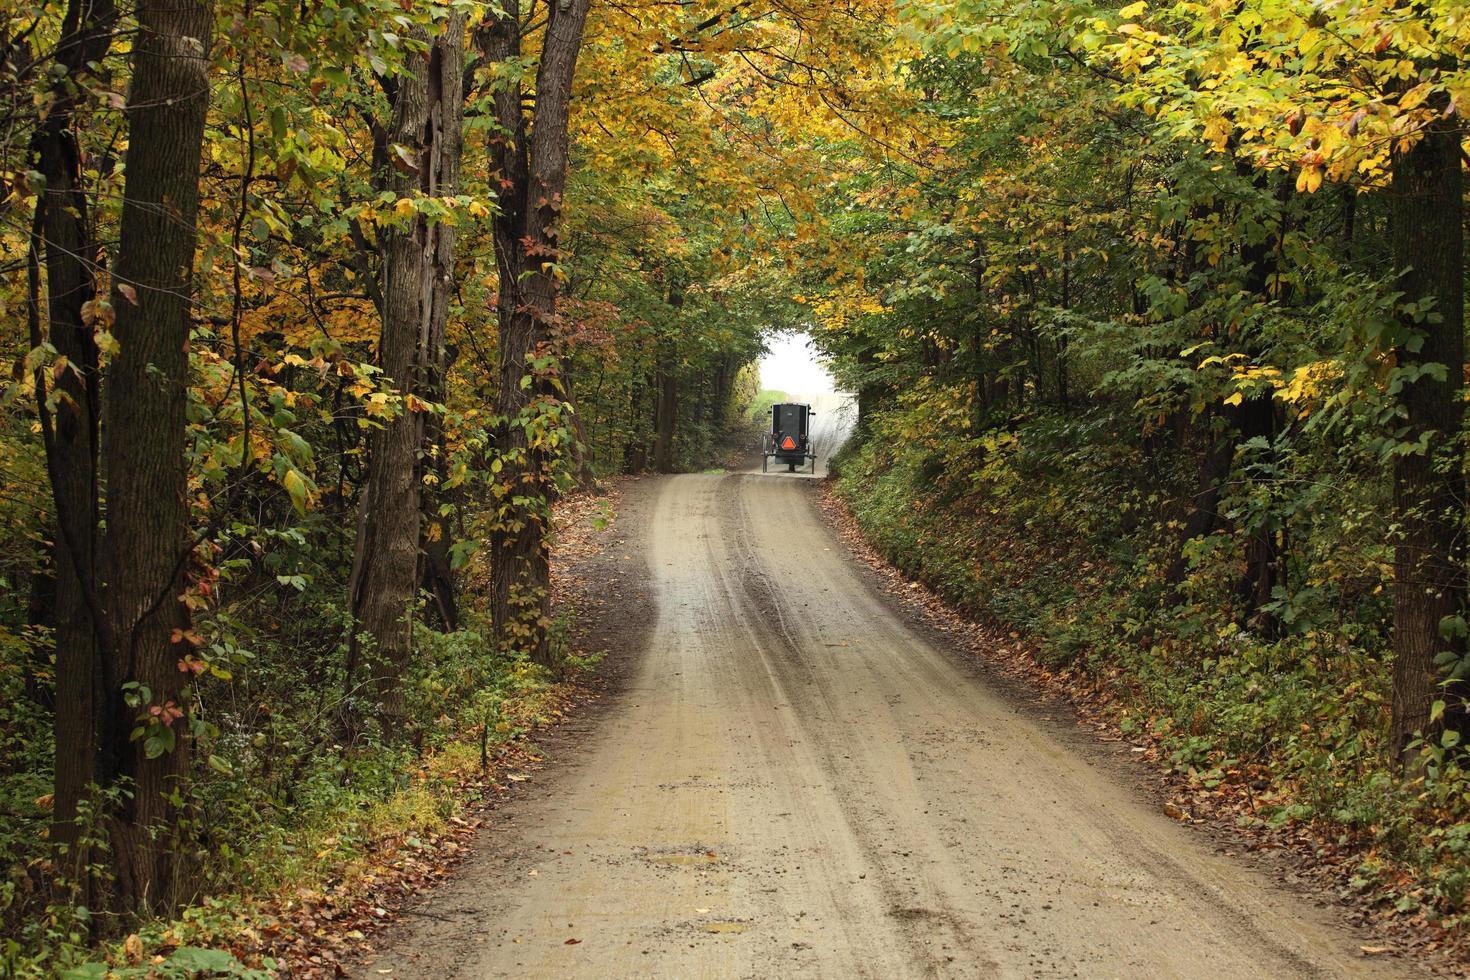 cavallo e carrozza in lontananza su una strada sterrata foto